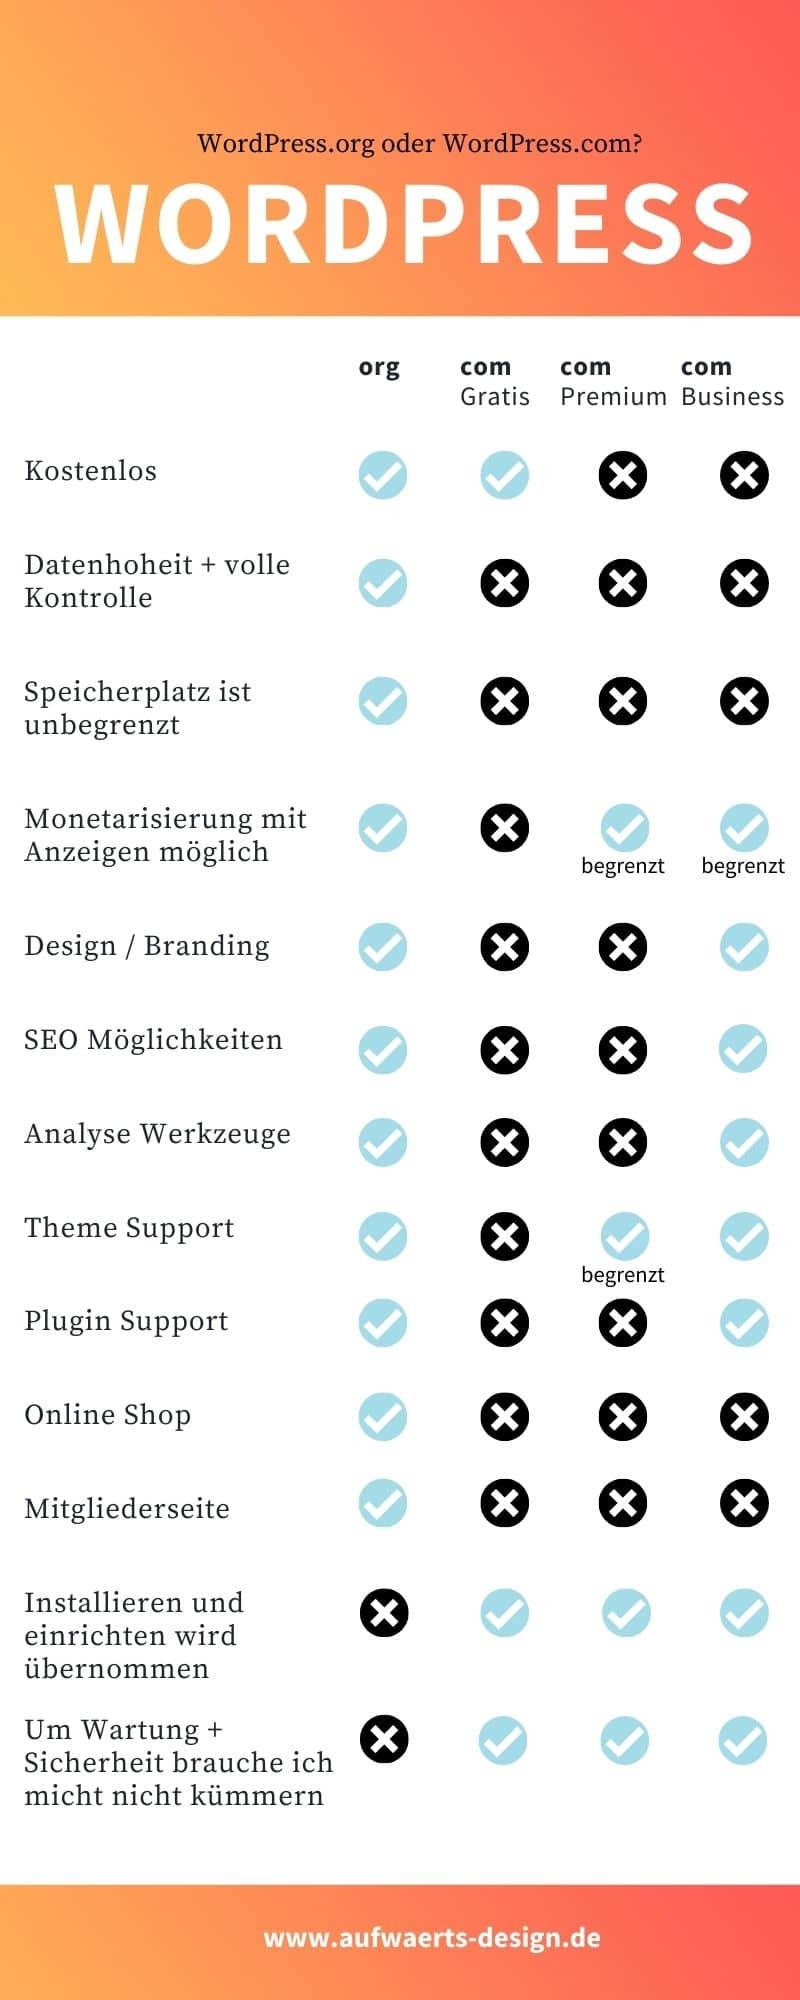 WordPress.org vs. WordPress.com - Was ist der Unterschied?